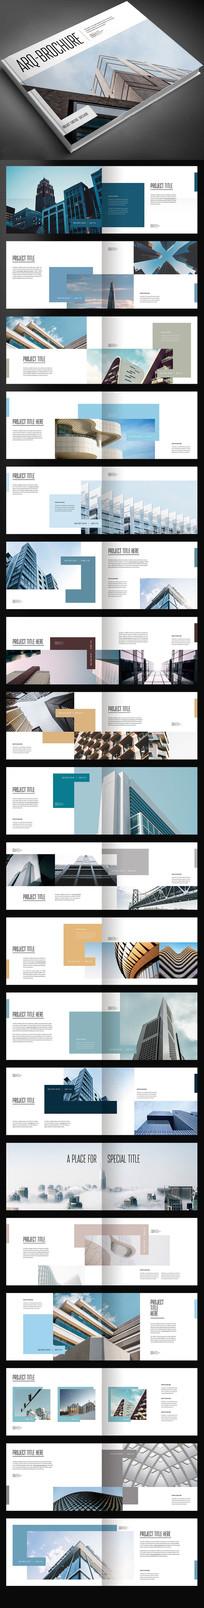 摄影设计作品集画册宣传册模板